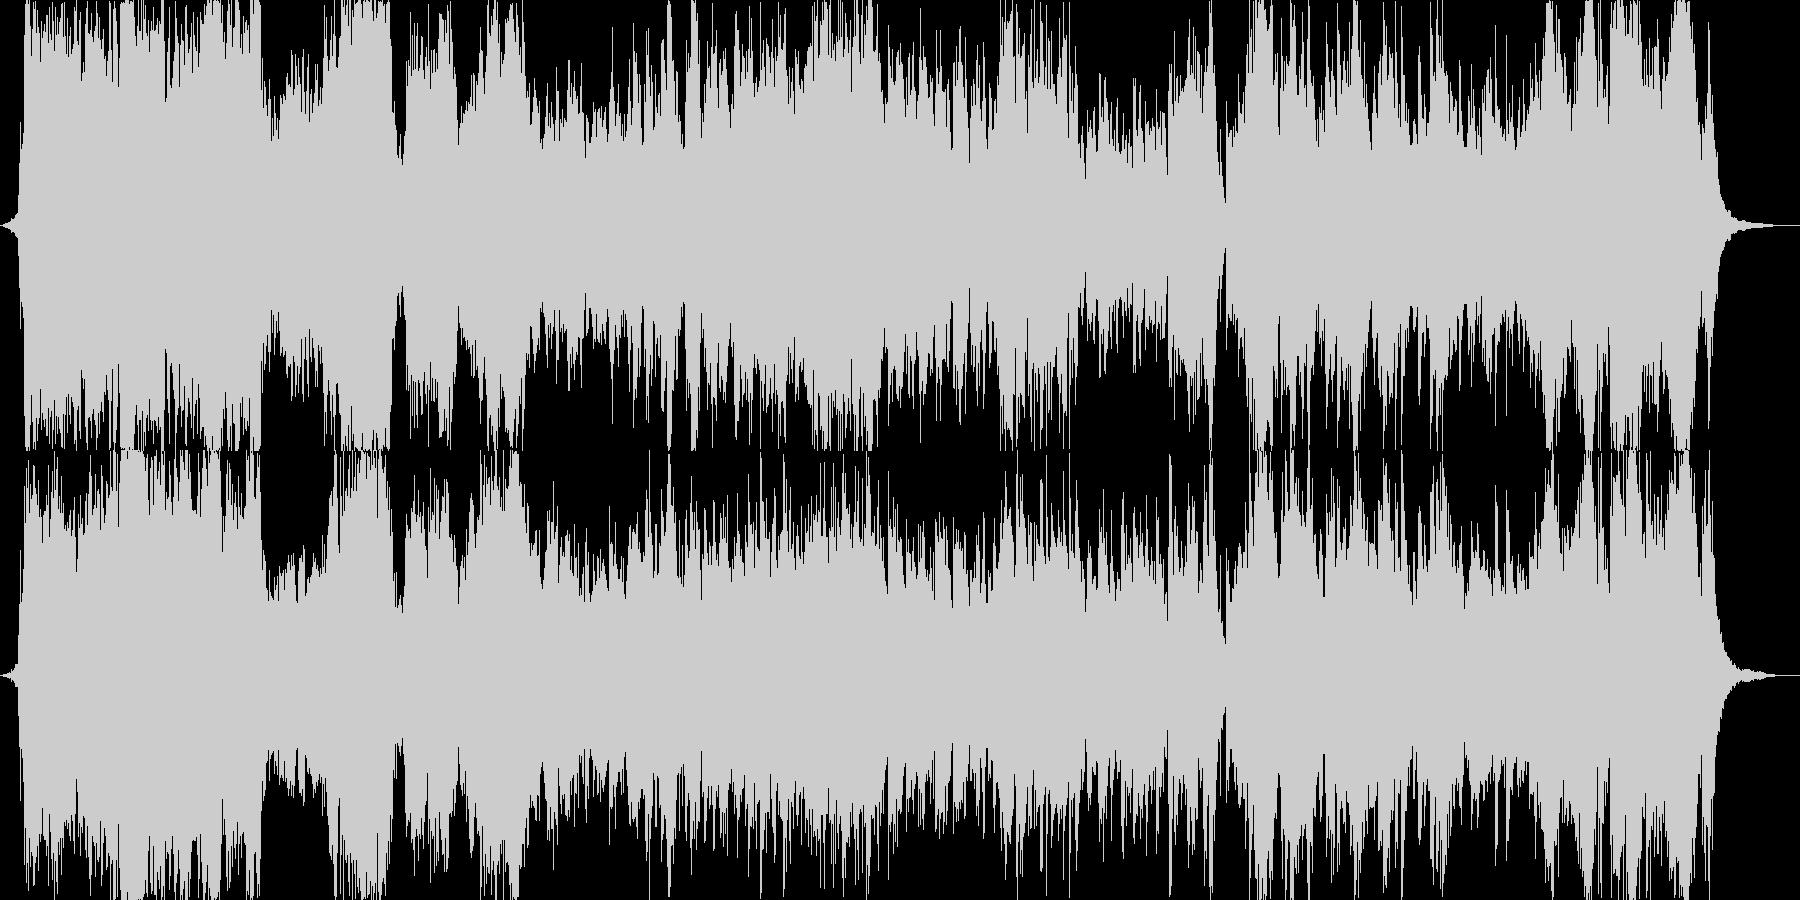 ミュージカルのオープニング風の華やかさの未再生の波形